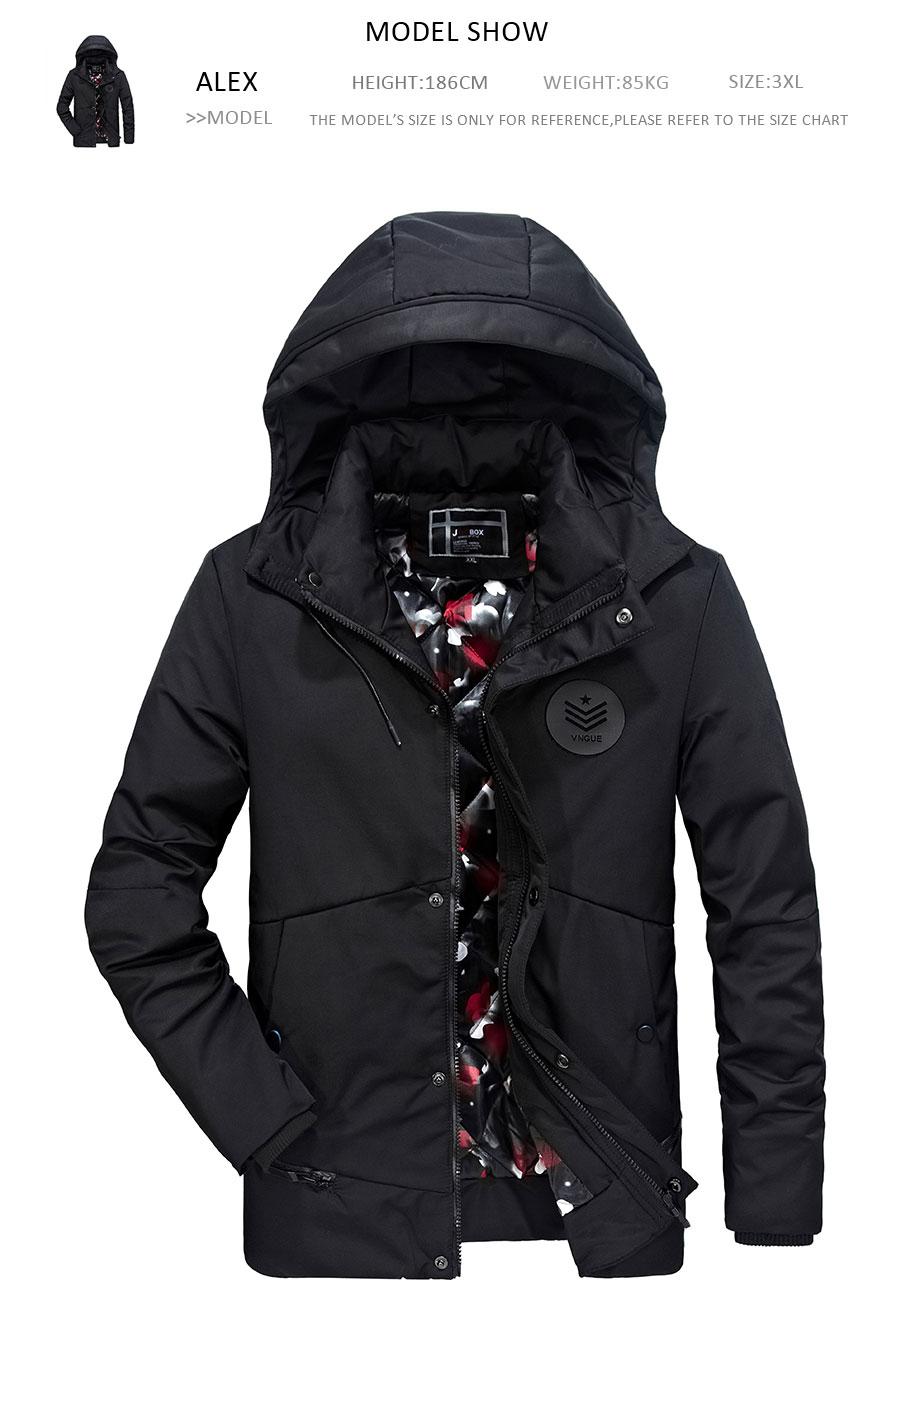 Marca 2018 cotone di alta qualità 100% uomo inverno giacche e cappotti con  cappuccio spesso caldo casual giovane uomo Parka fit neve freddo PLQ8612 91a082369c6